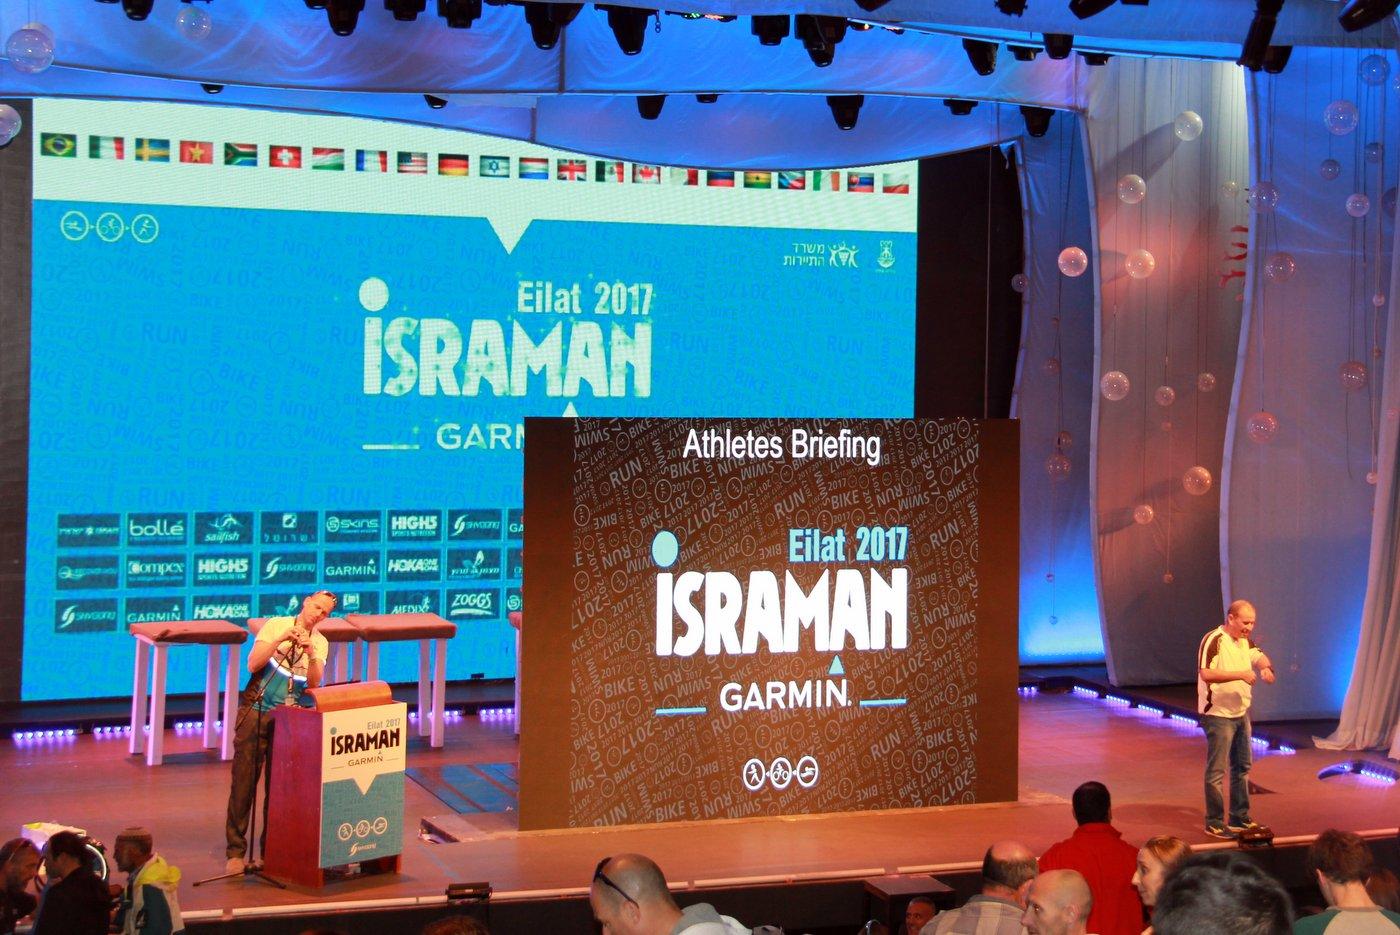 Israman triathlon - Eilat 2017